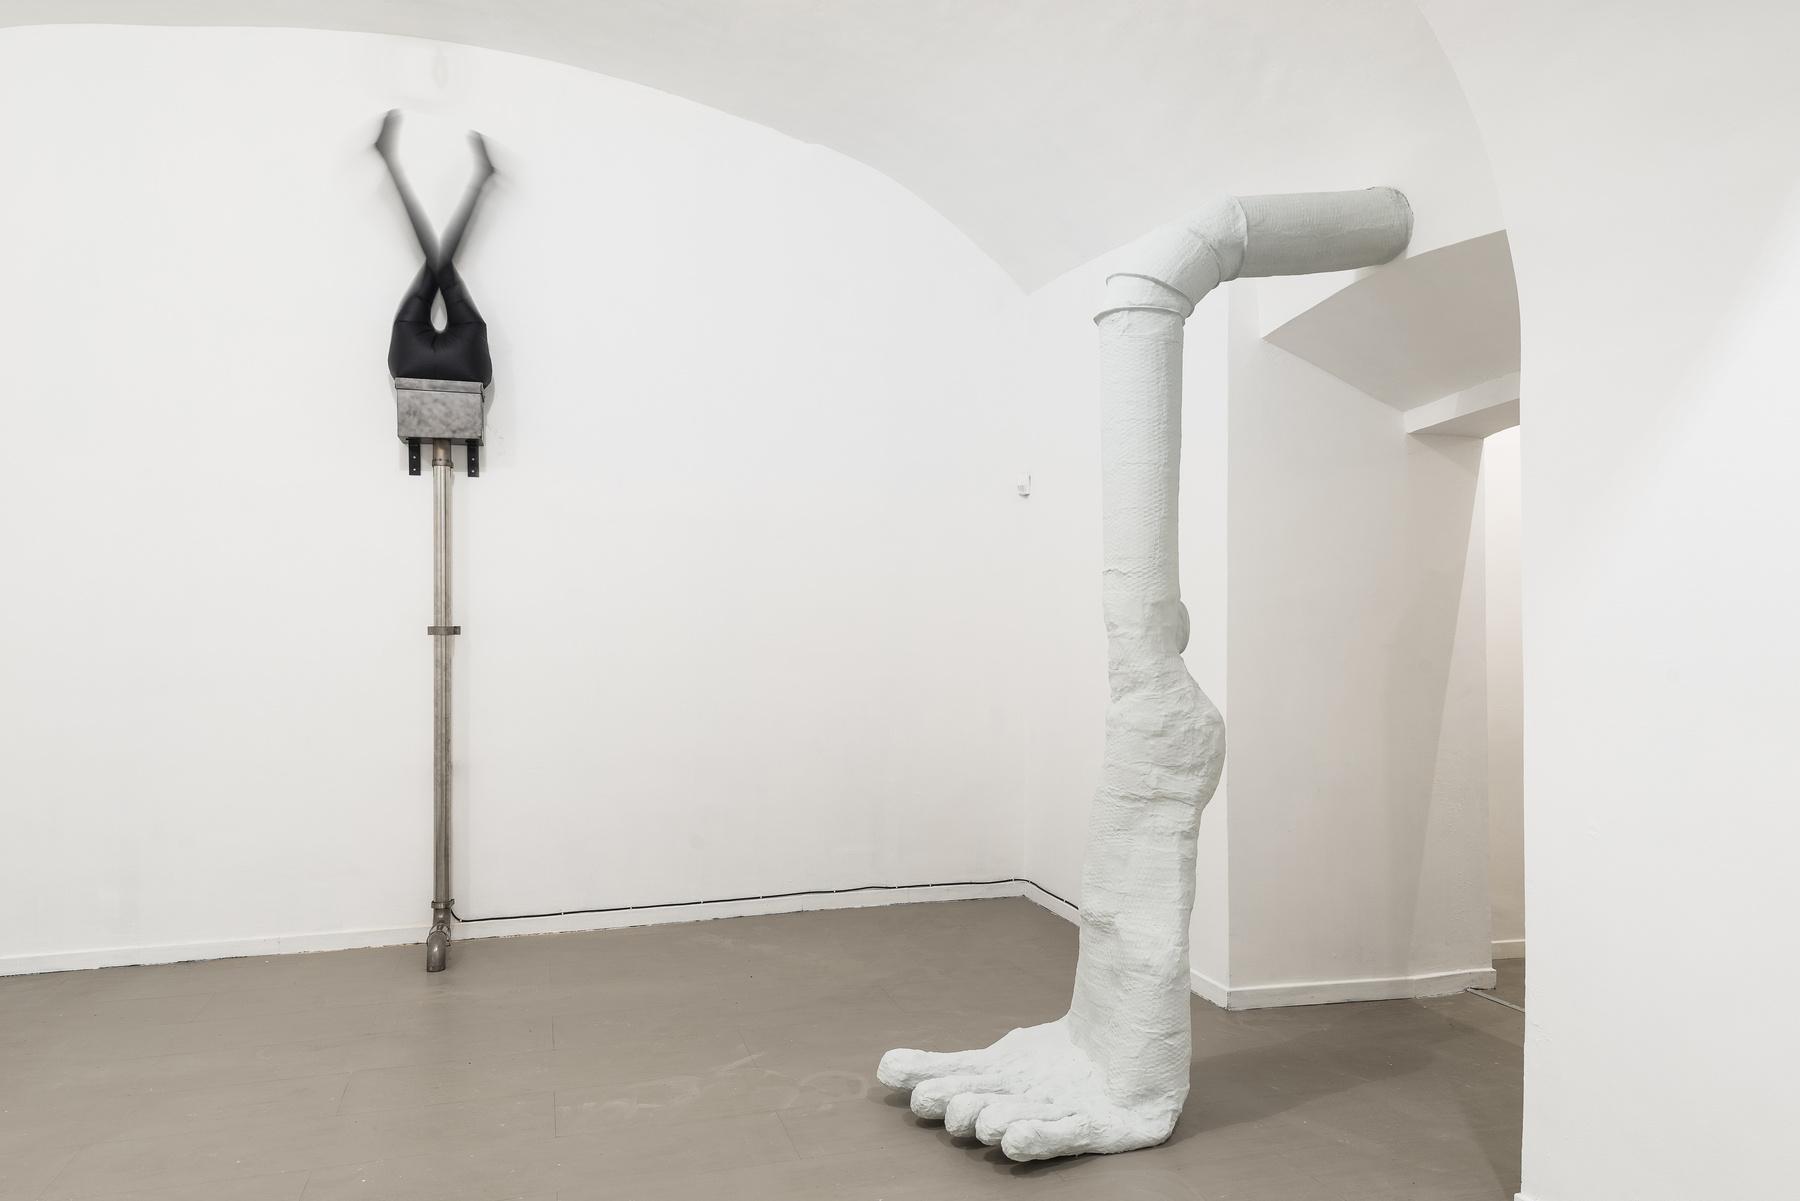 03_WalledGardenInAnInsaneEden_2017_InstallationView_Room3_z2oSaraZaninGallery_Roma